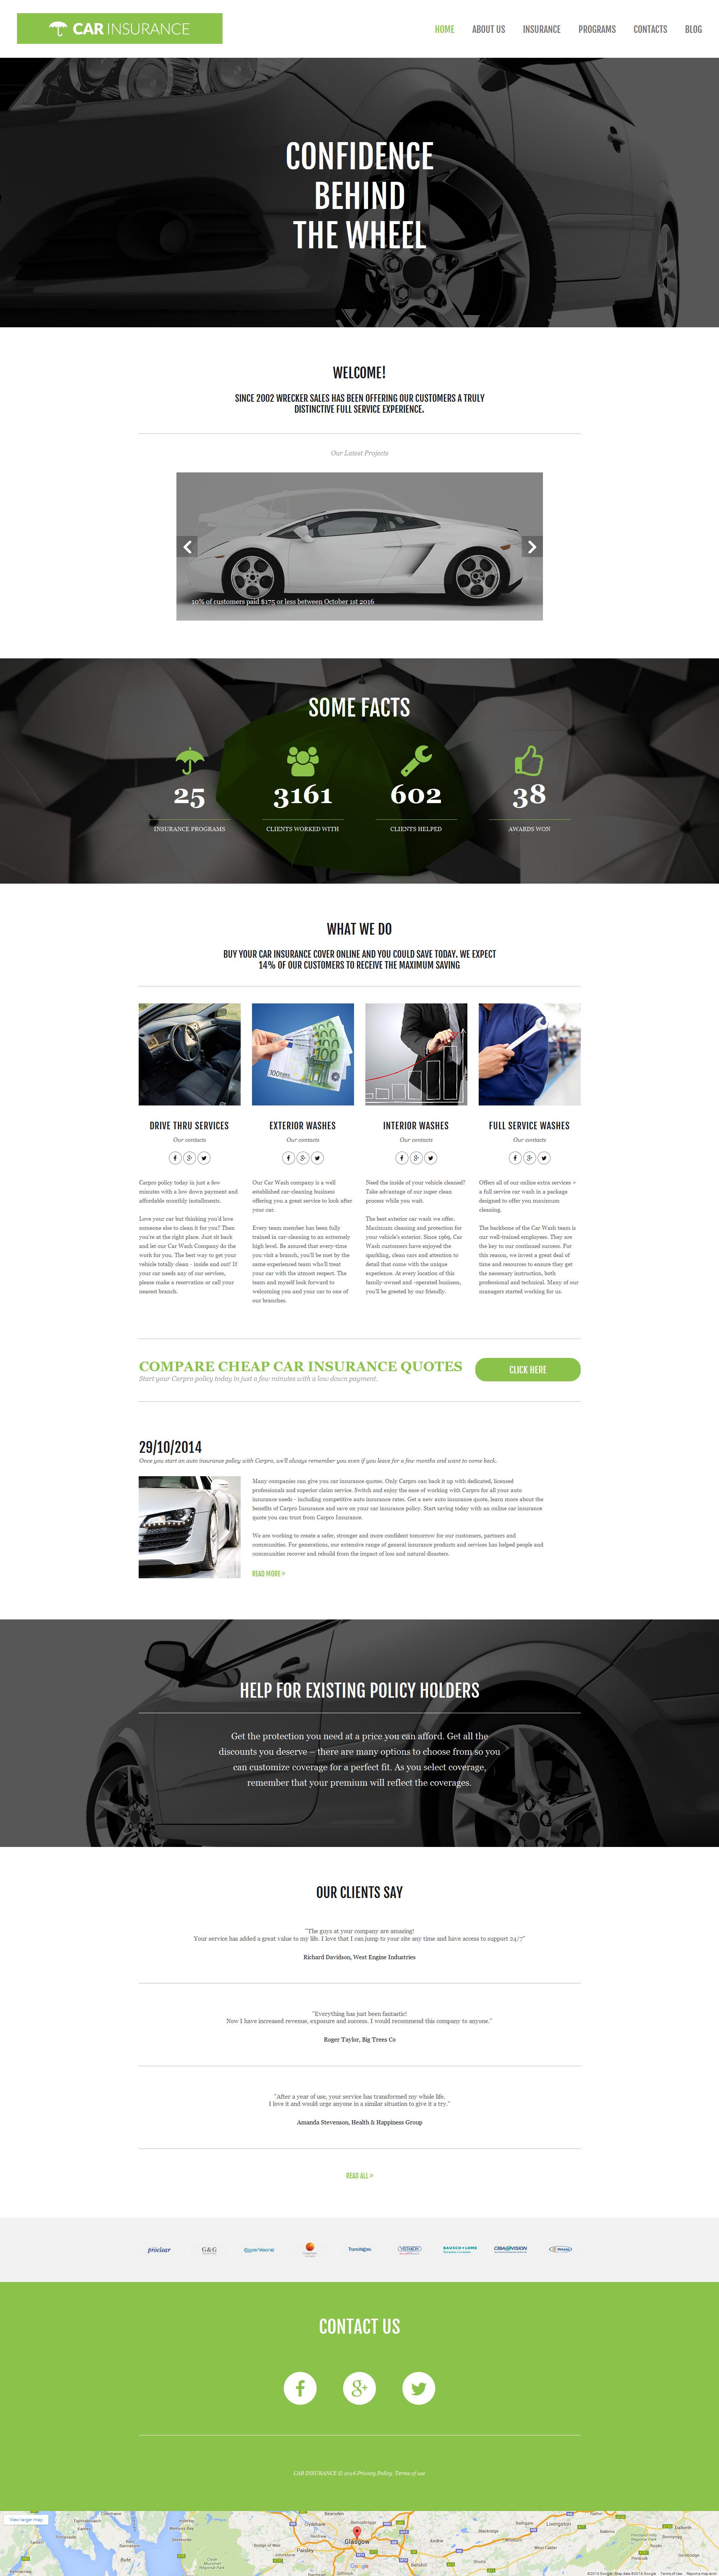 Responsive Araba Sigortası Moto Cms 3 #58681 - Ekran resmi